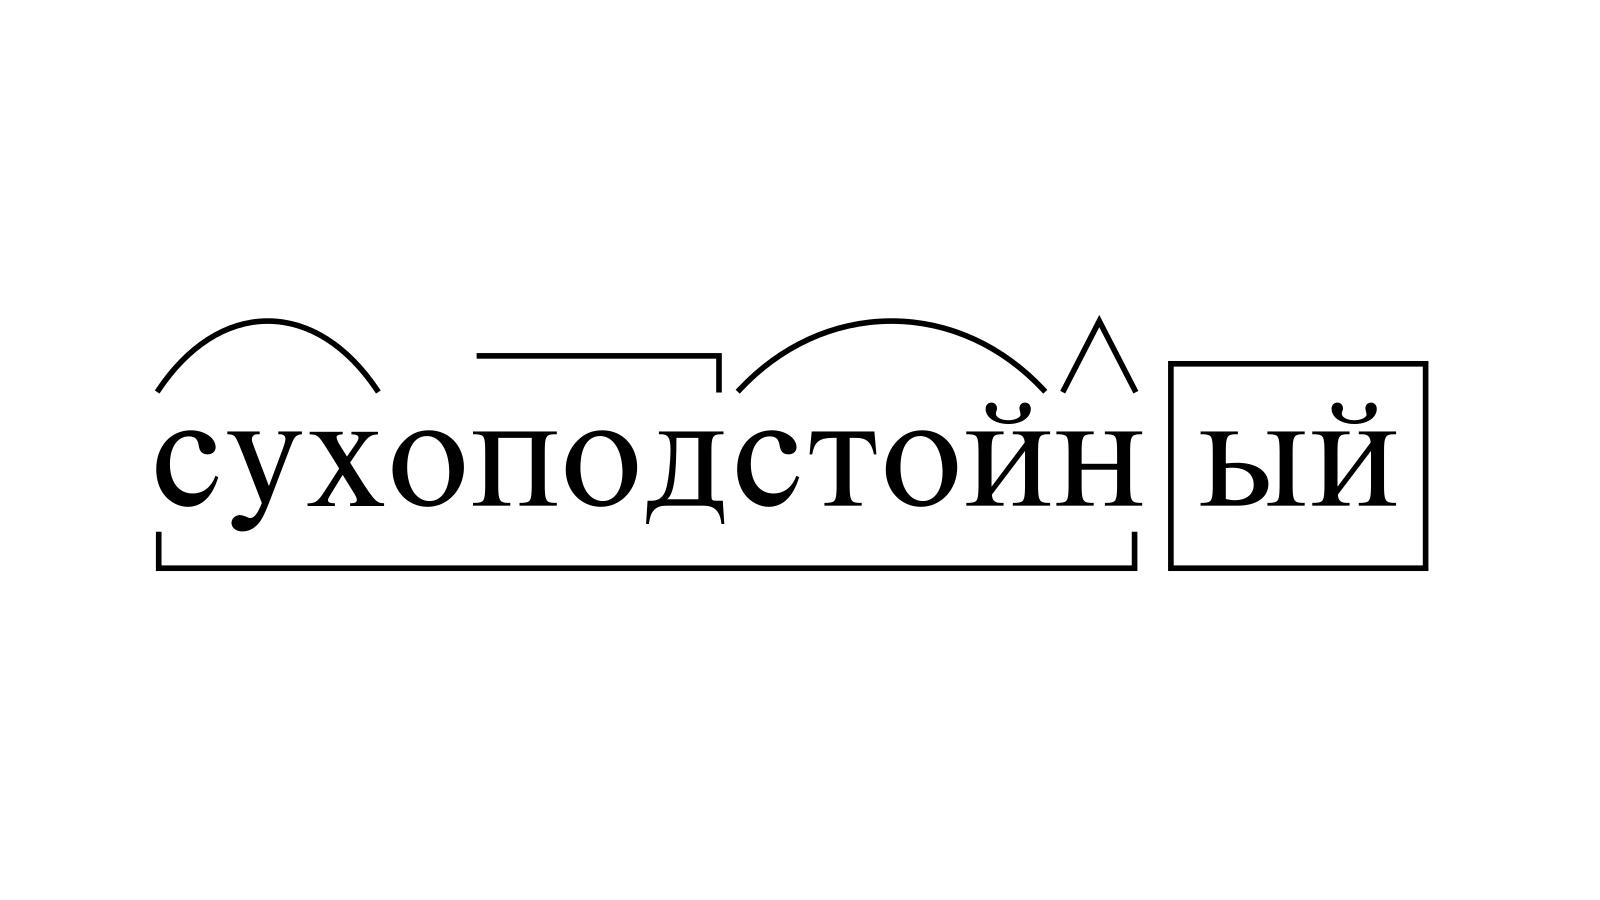 Разбор слова «сухоподстойный» по составу